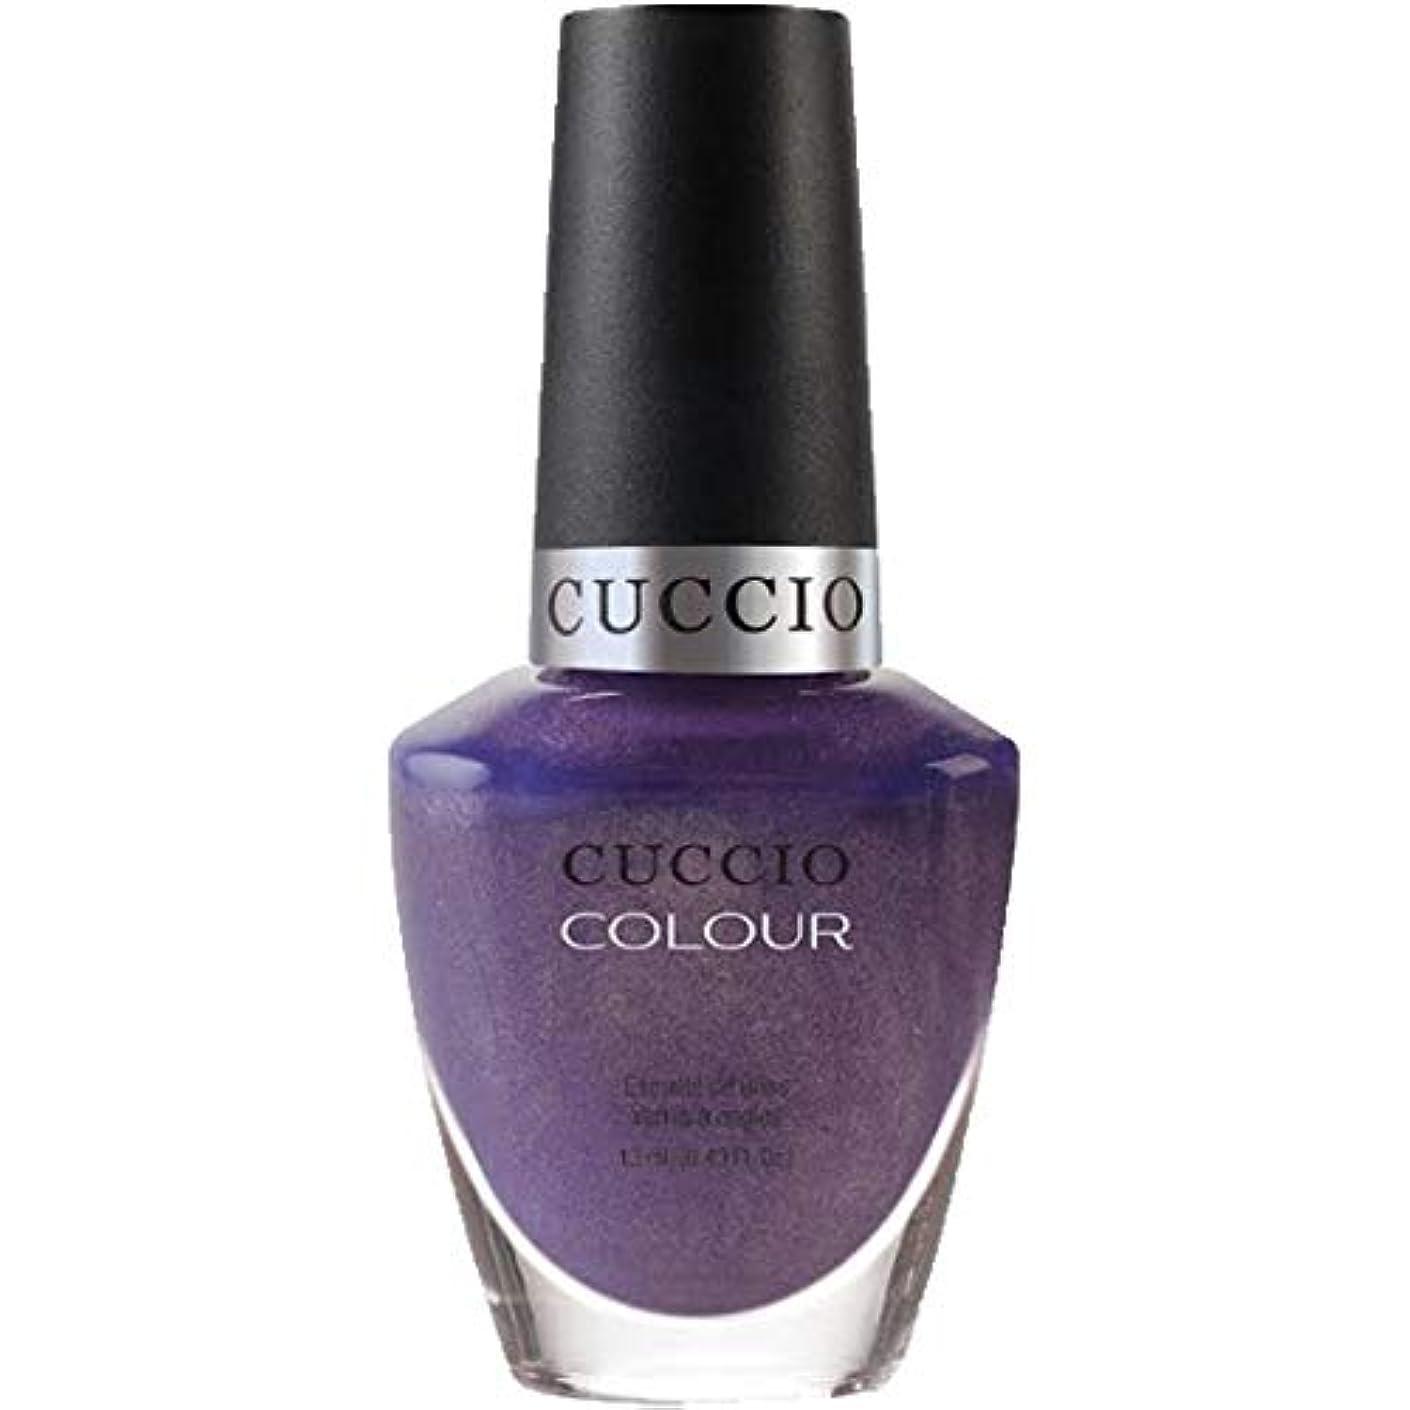 影のあるエクスタシー航空Cuccio Colour Gloss Lacquer - Touch of Evil - 0.43oz / 13ml